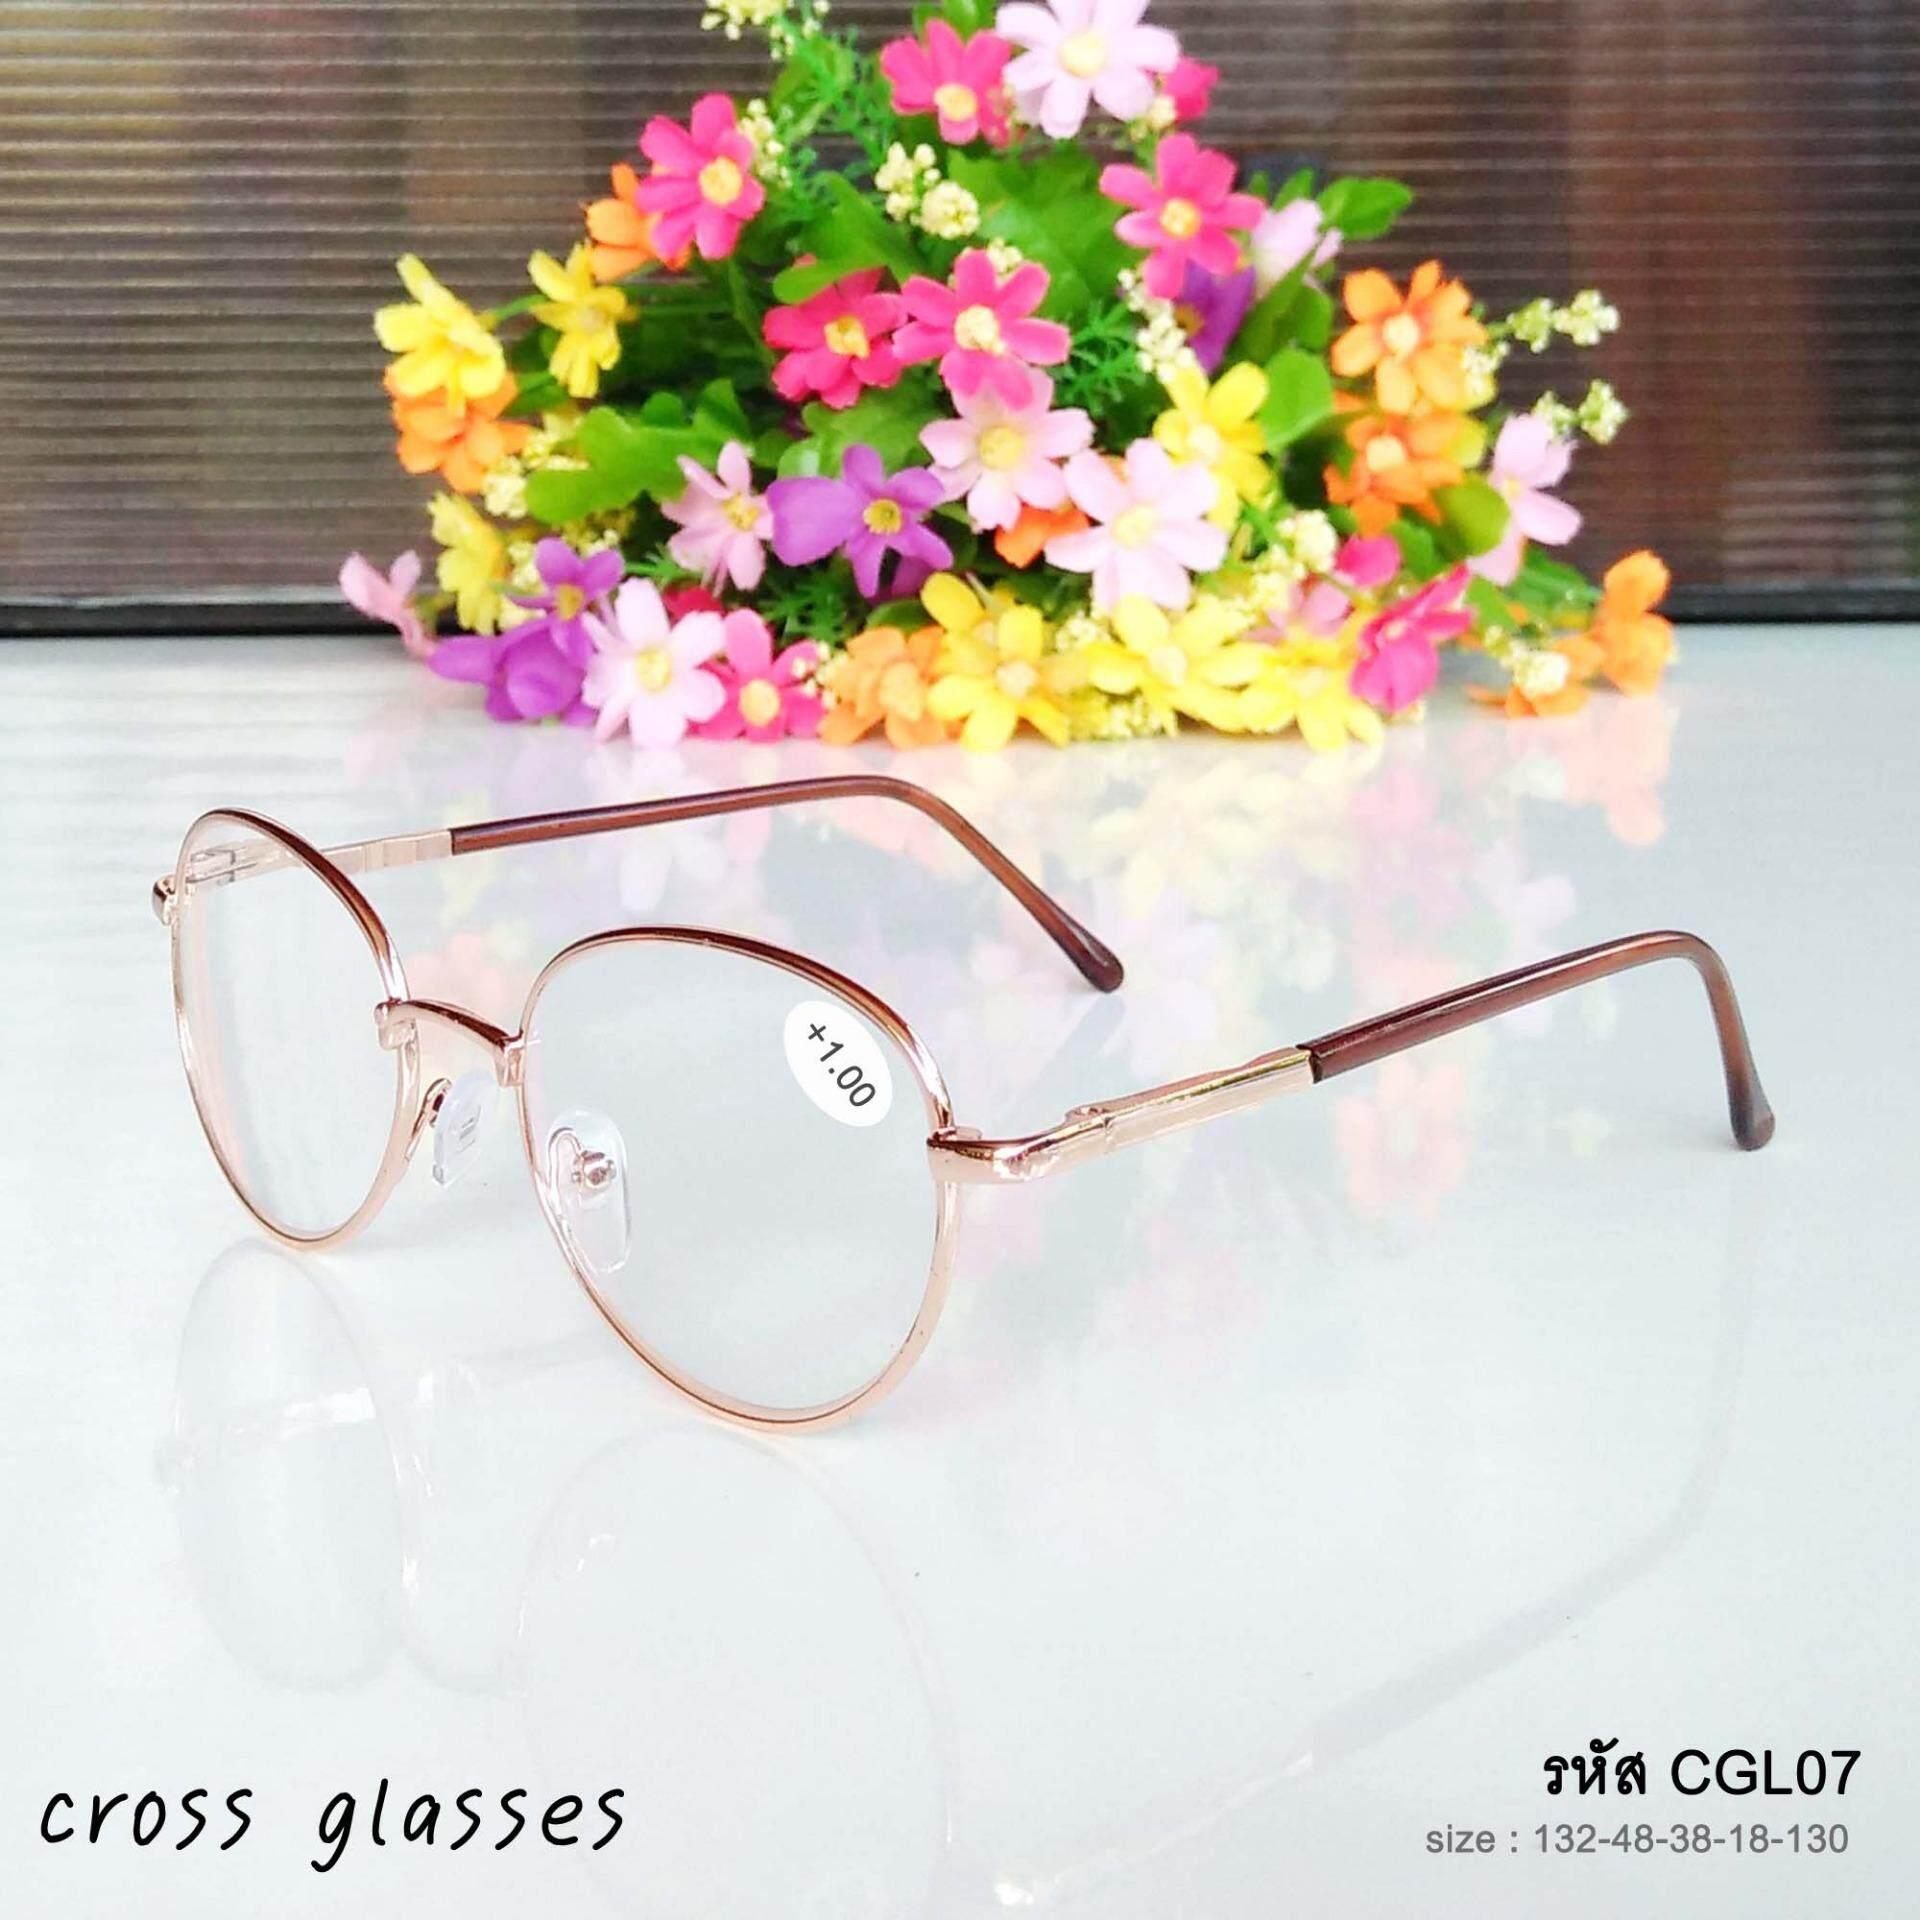 ซื้อ แว่นสายตายาว 1 00 เลนส์กรองแสง ทรงหยดน้ำ รหัส Cgl07 Rattana เป็นต้นฉบับ